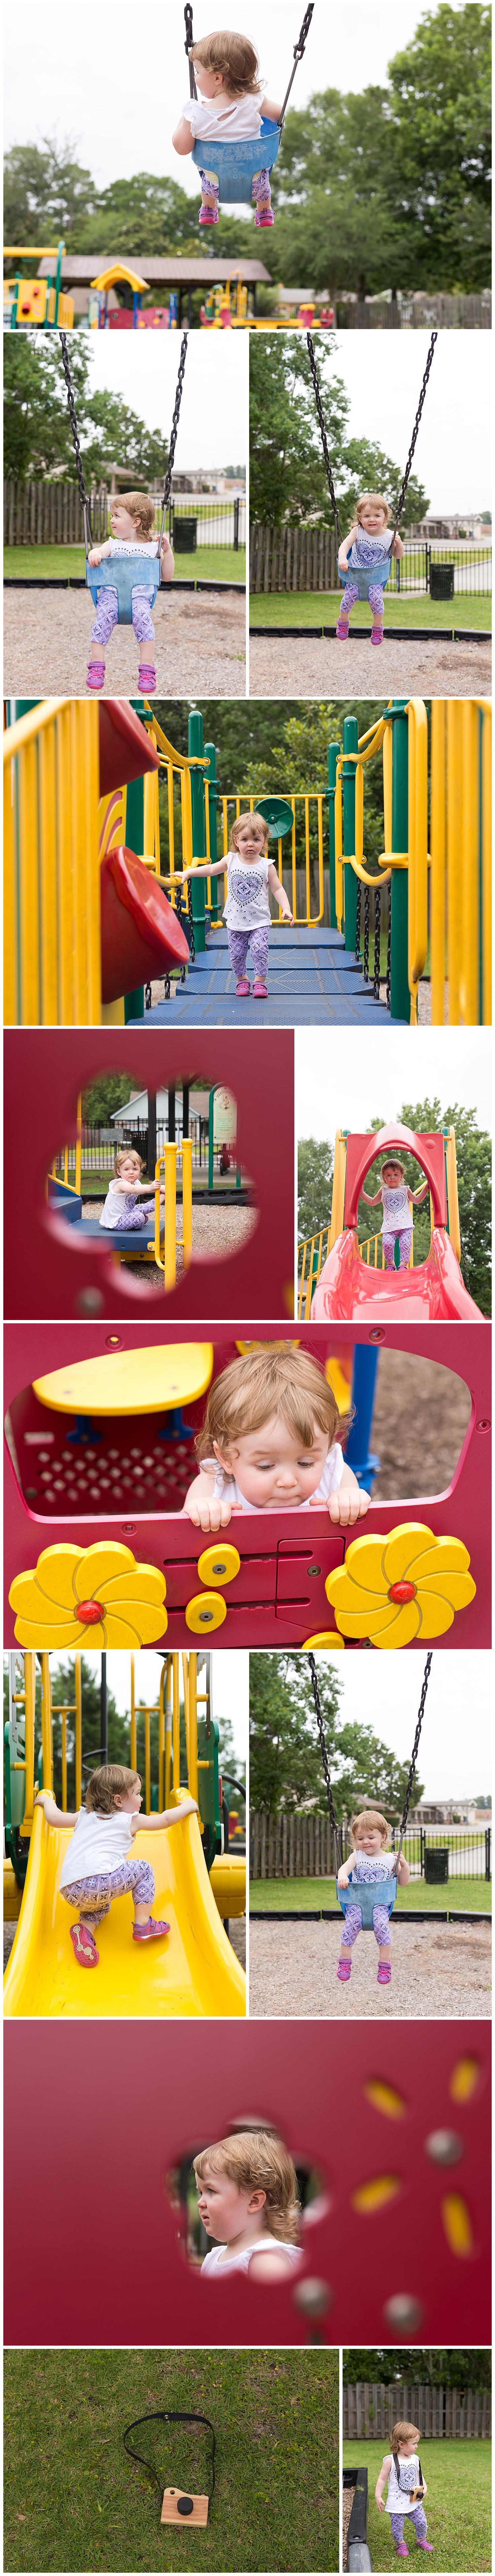 Ocean Springs family photographer - little girl on playground in Fort Bayou